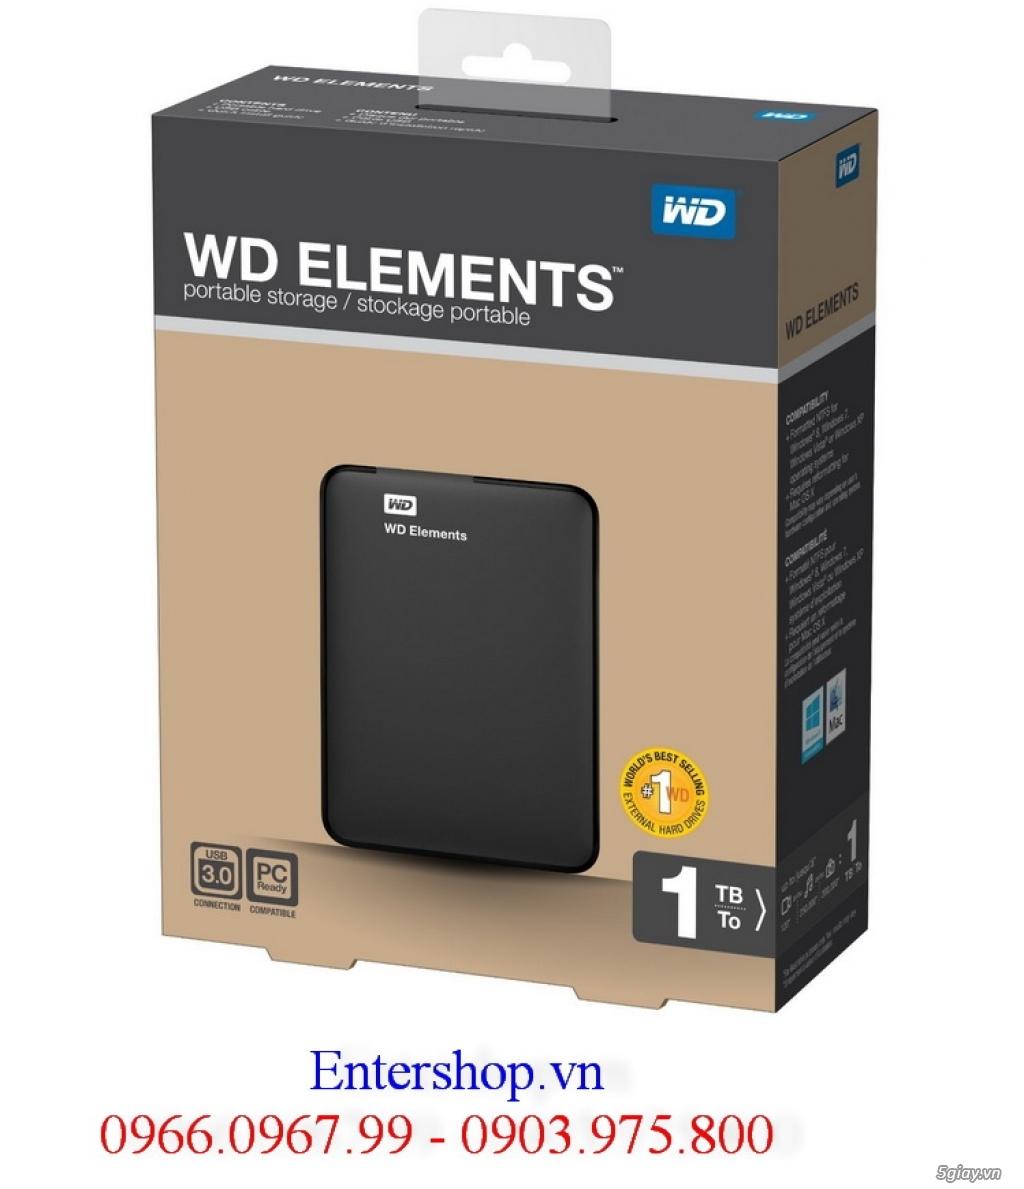 [Entershop] chuyên thẻ nhớ, usb, ổ cứng di động 500gb , 1000gb, 2T, 4T - 1